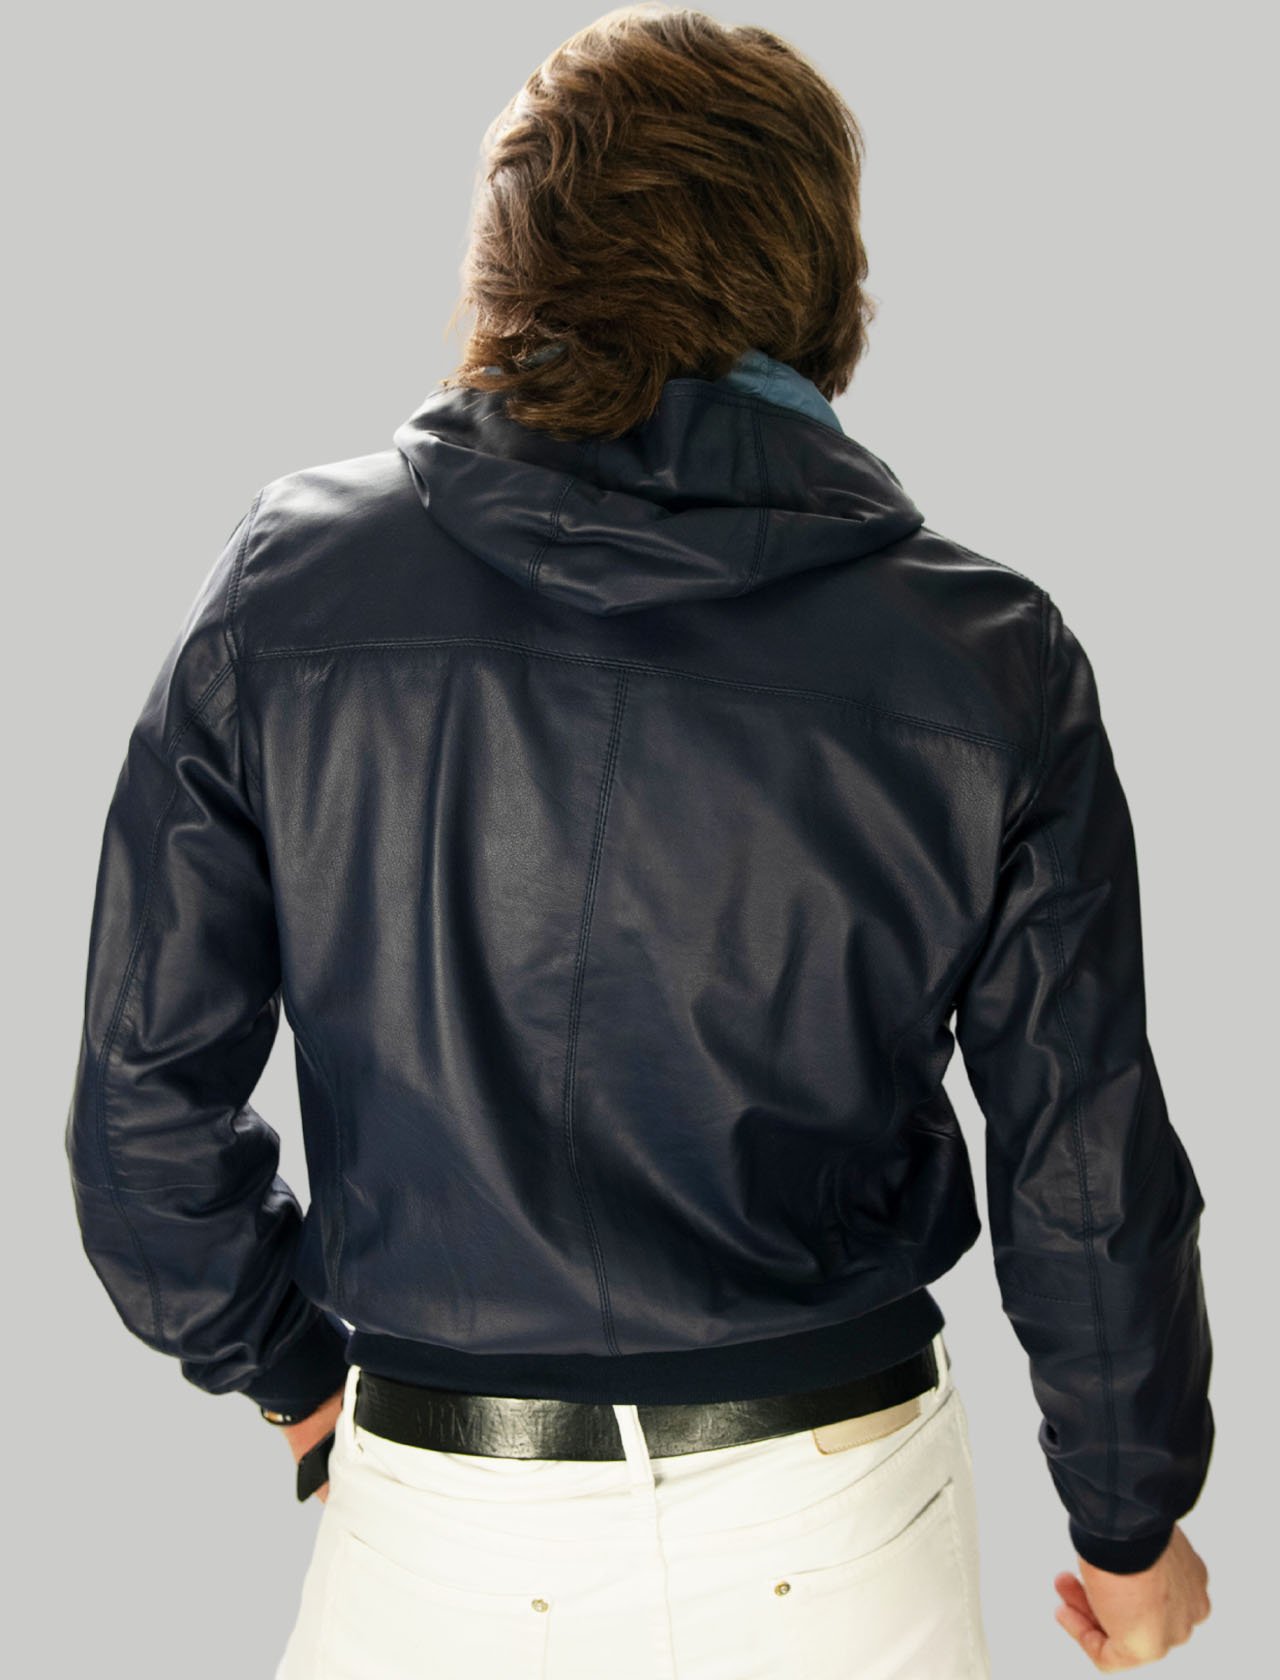 Men's Clothing Blue Reversible Leather Jacket with Hood Minoronzoni |  | MRS215J207002